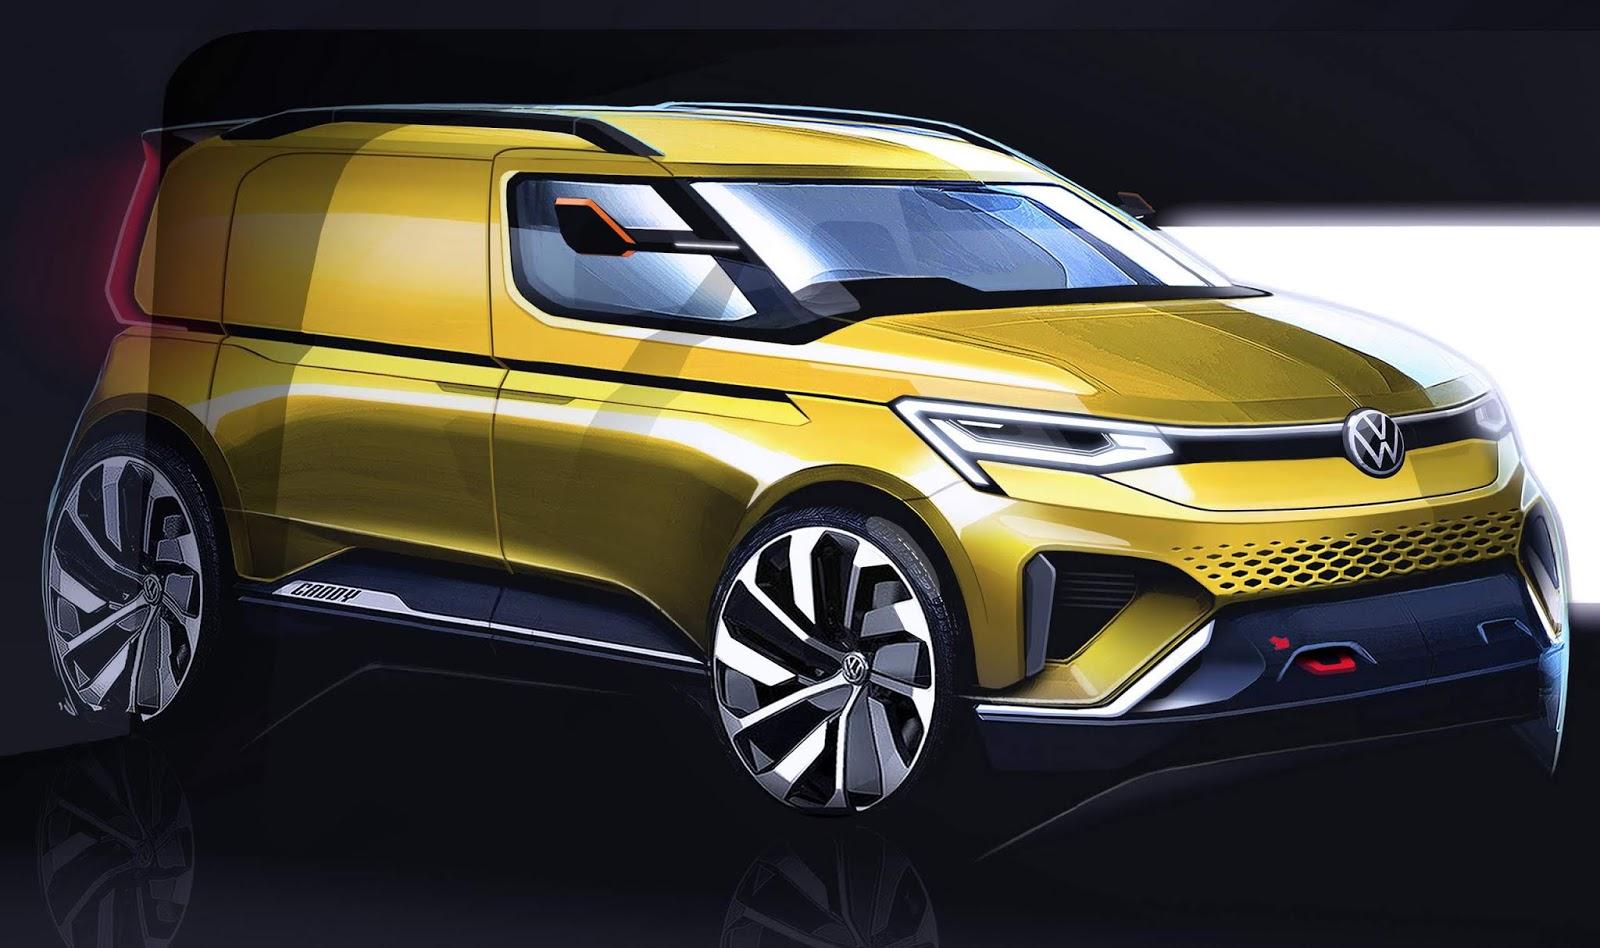 Novo VW Caddy 2021: imagens mostram design esportivo | CAR ...